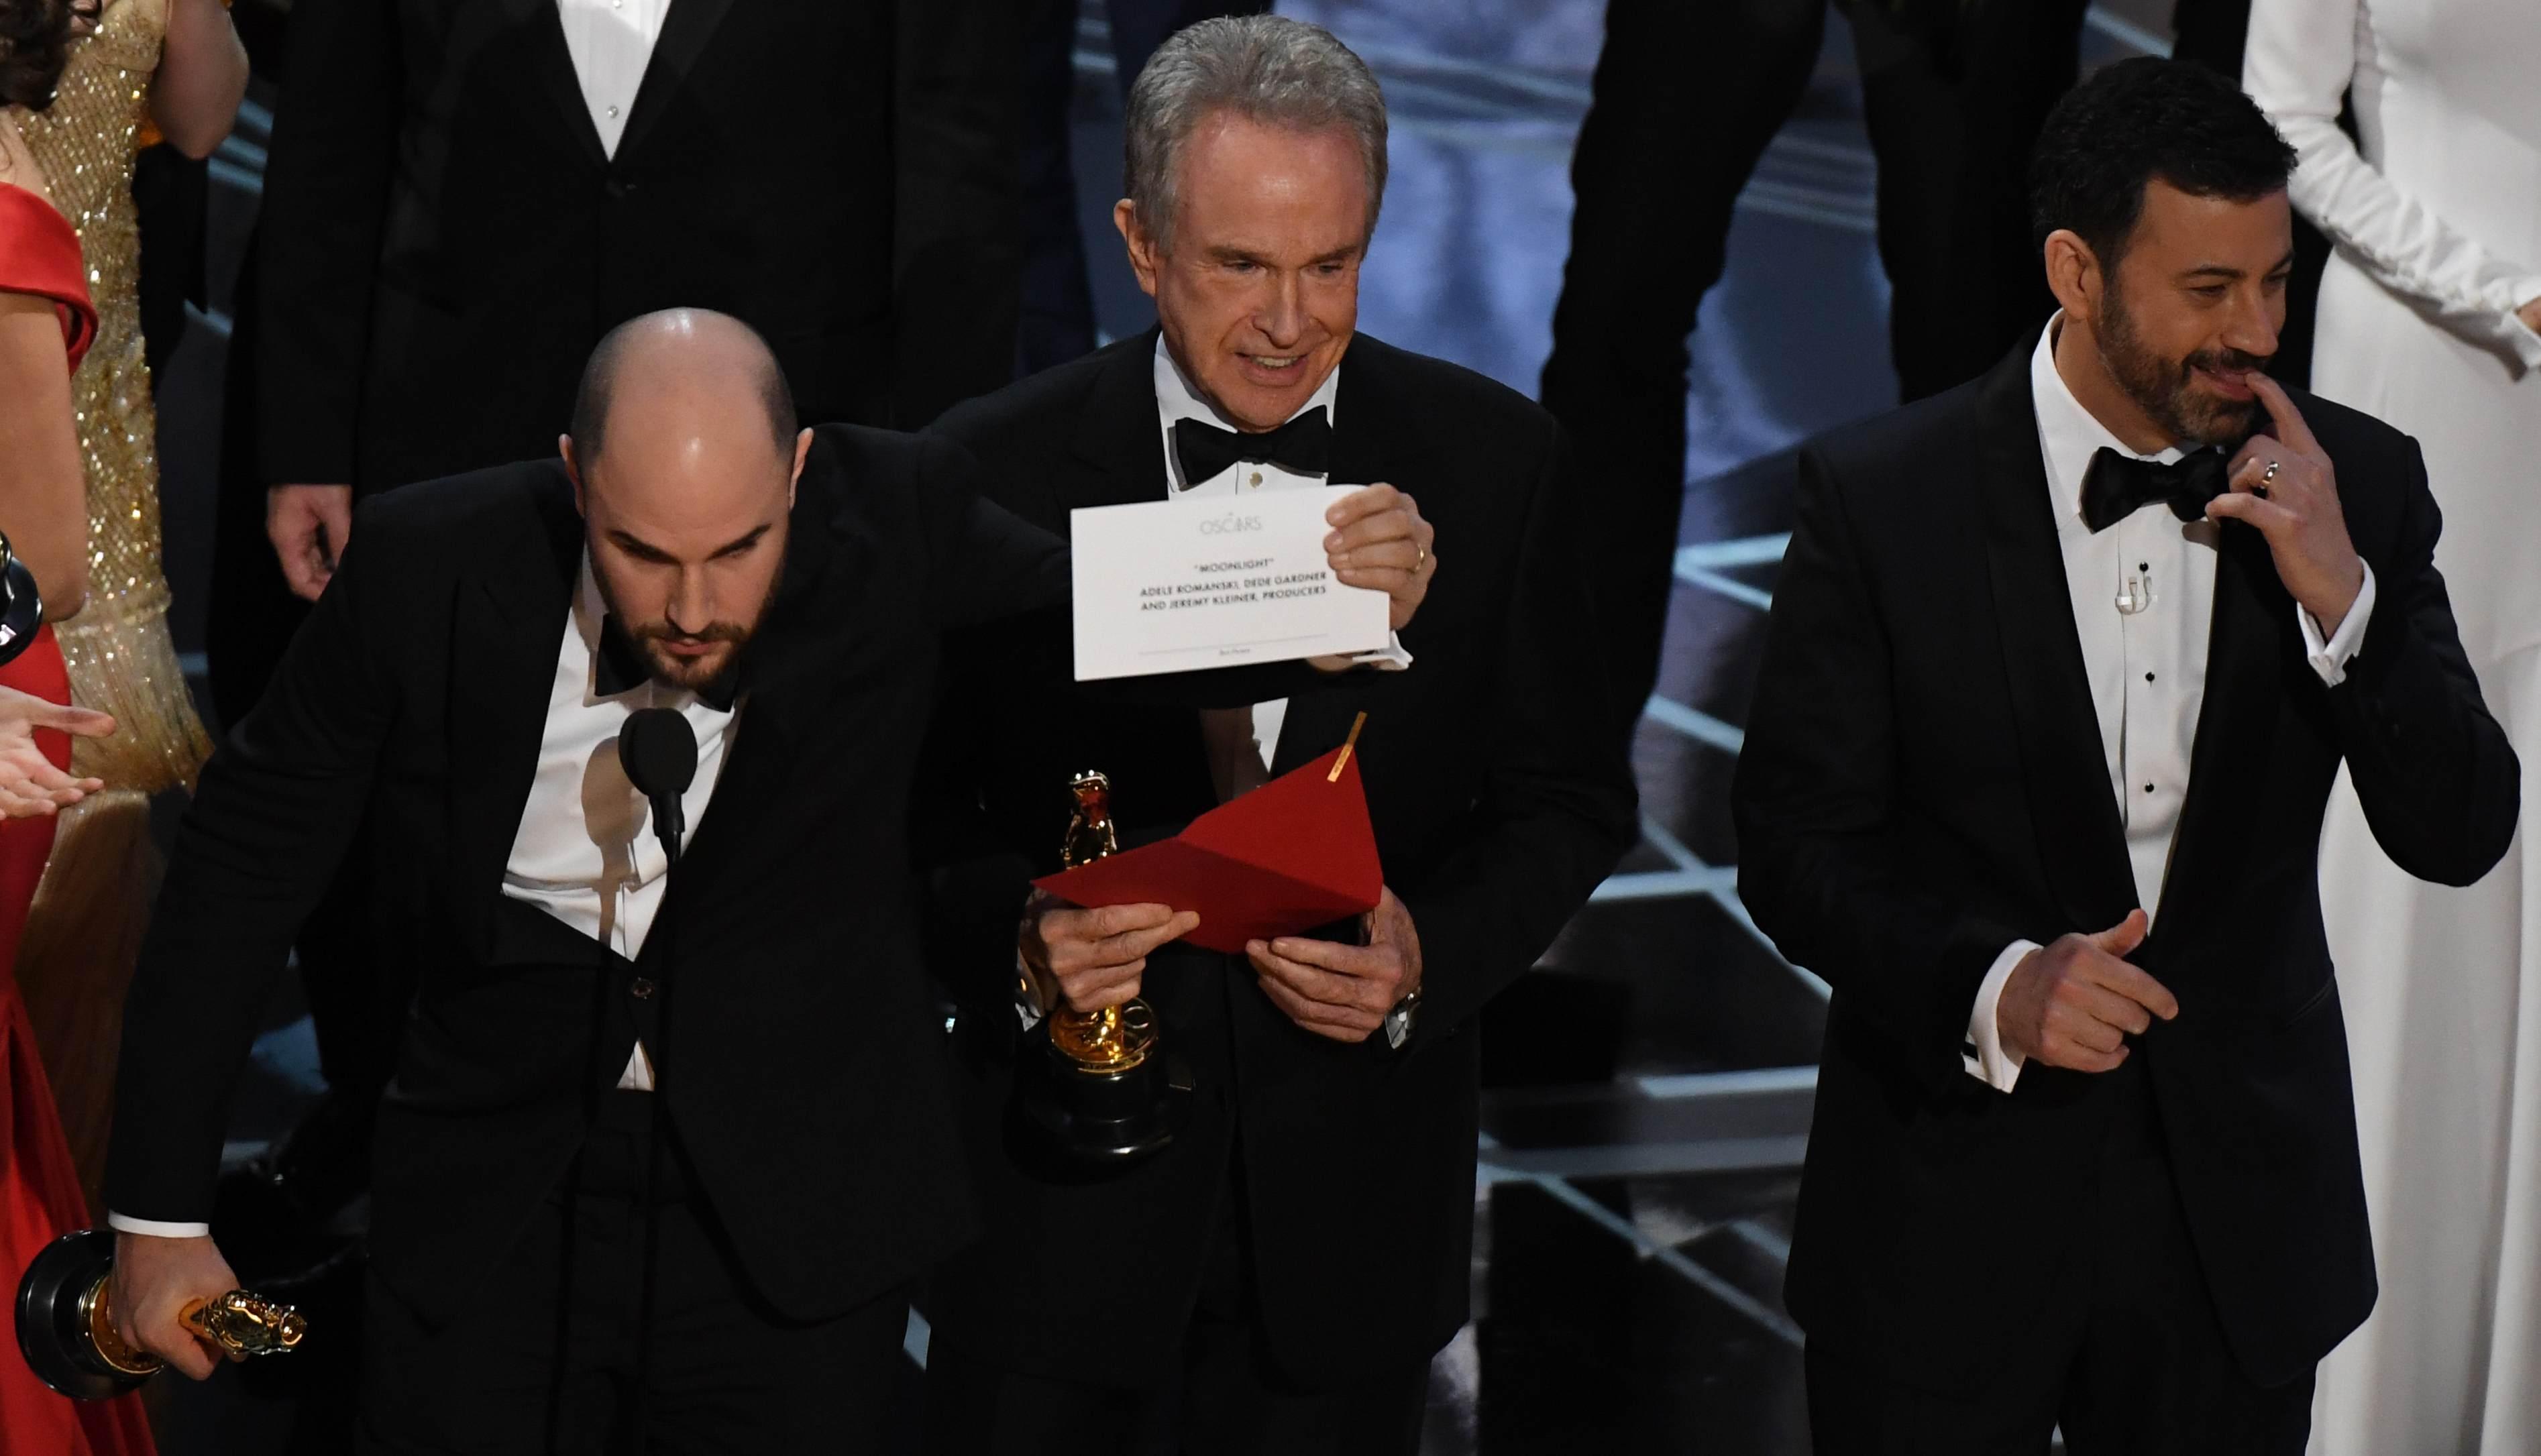 """Warren Beatty lächelt und zeigt die Karte, auf der """"Moonlight"""" steht. Jimmy Kimmel schaut bedröppelt."""